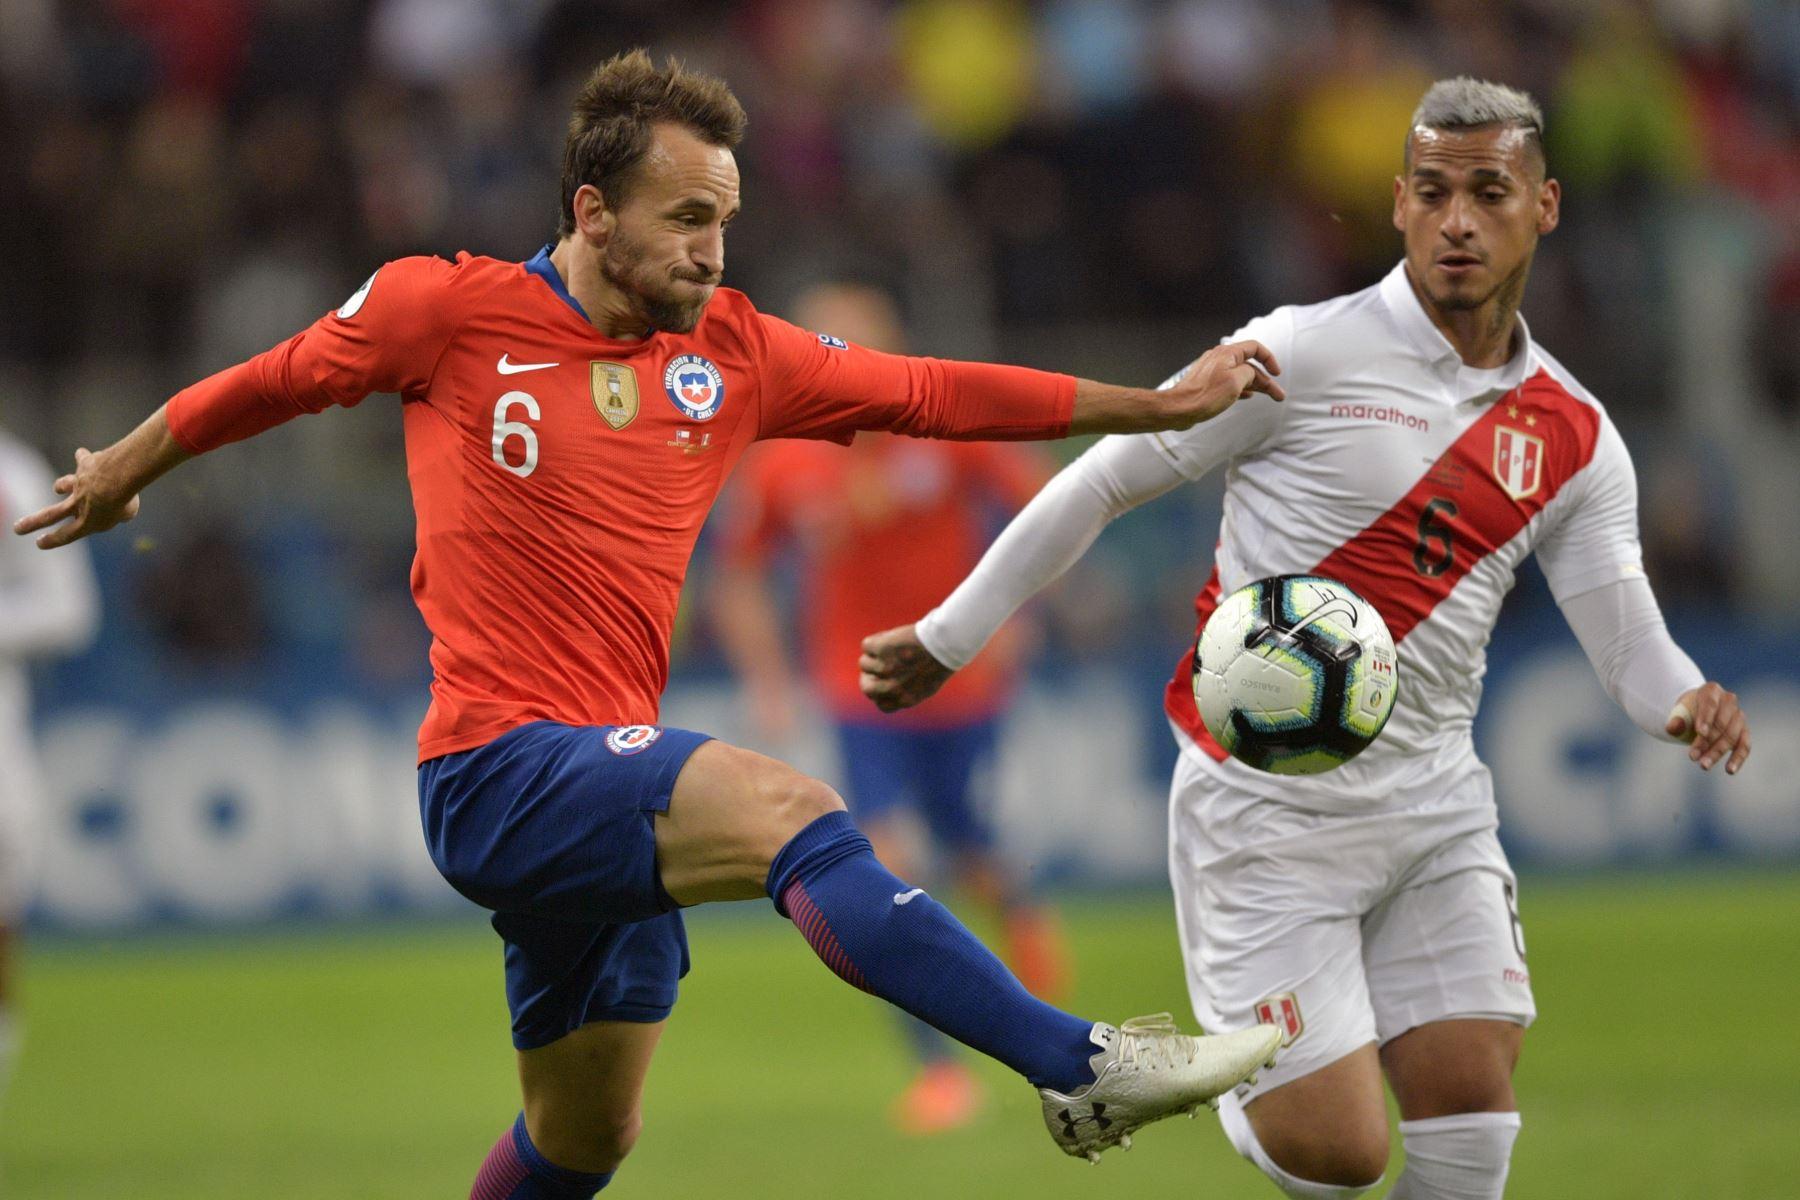 El chileno José Pedro Fuenzalida  y el peruano Miguel Trauco compiten por el balón durante la semifinal del torneo de fútbol de la Copa América en el Gremio Arena de Porto Alegre, Brasil, el 3 de julio de 2019.